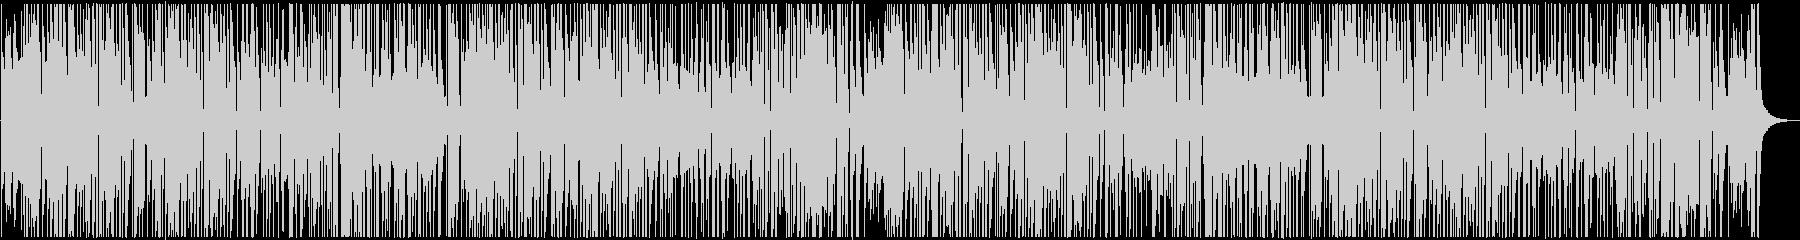 ラテン風味のレゲエヒップホップの未再生の波形